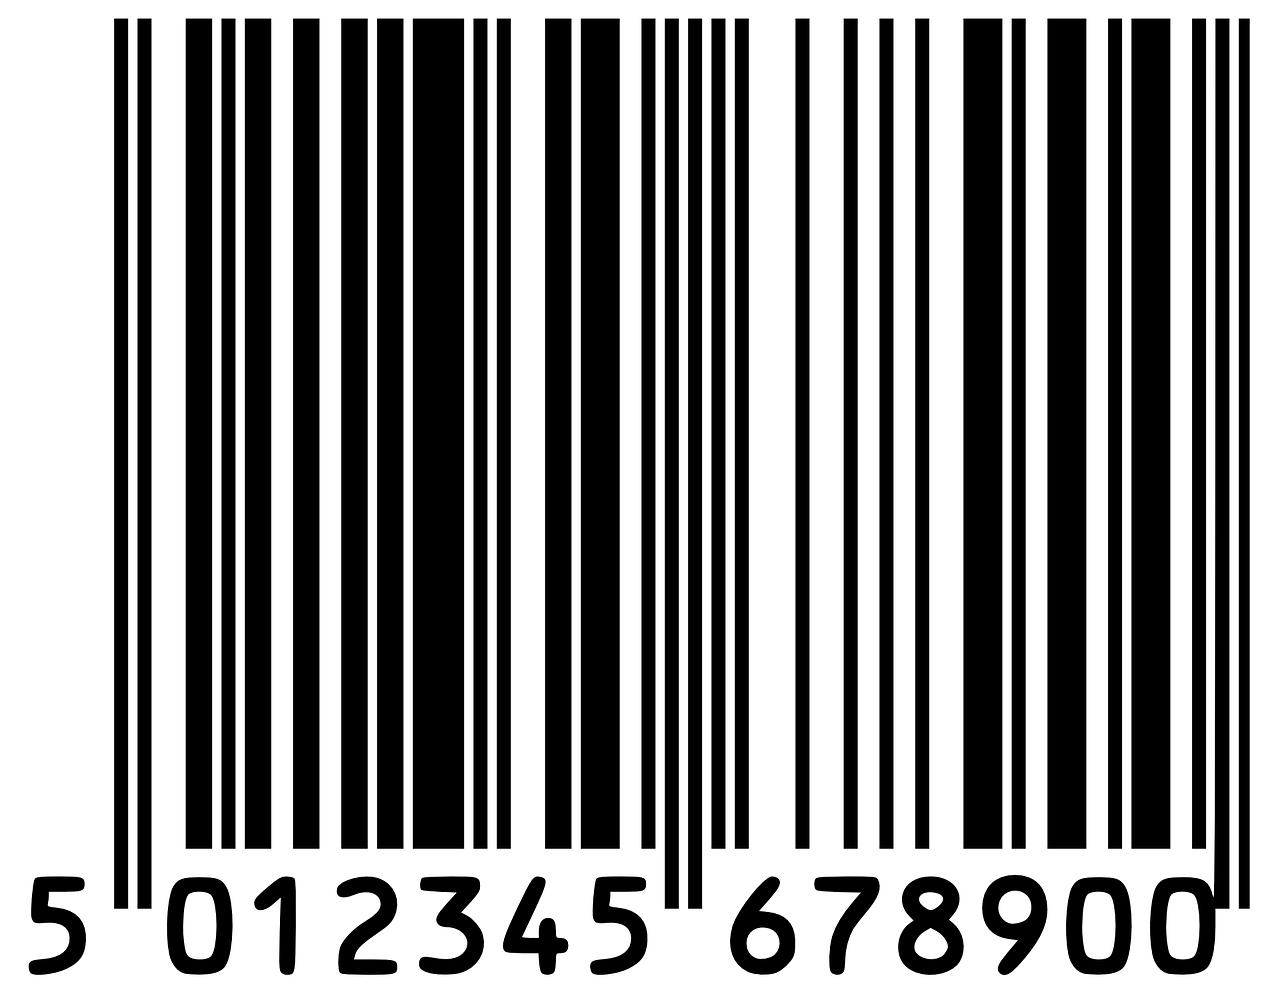 Mã vạch là dấu hiệu nhận biết sản phẩm